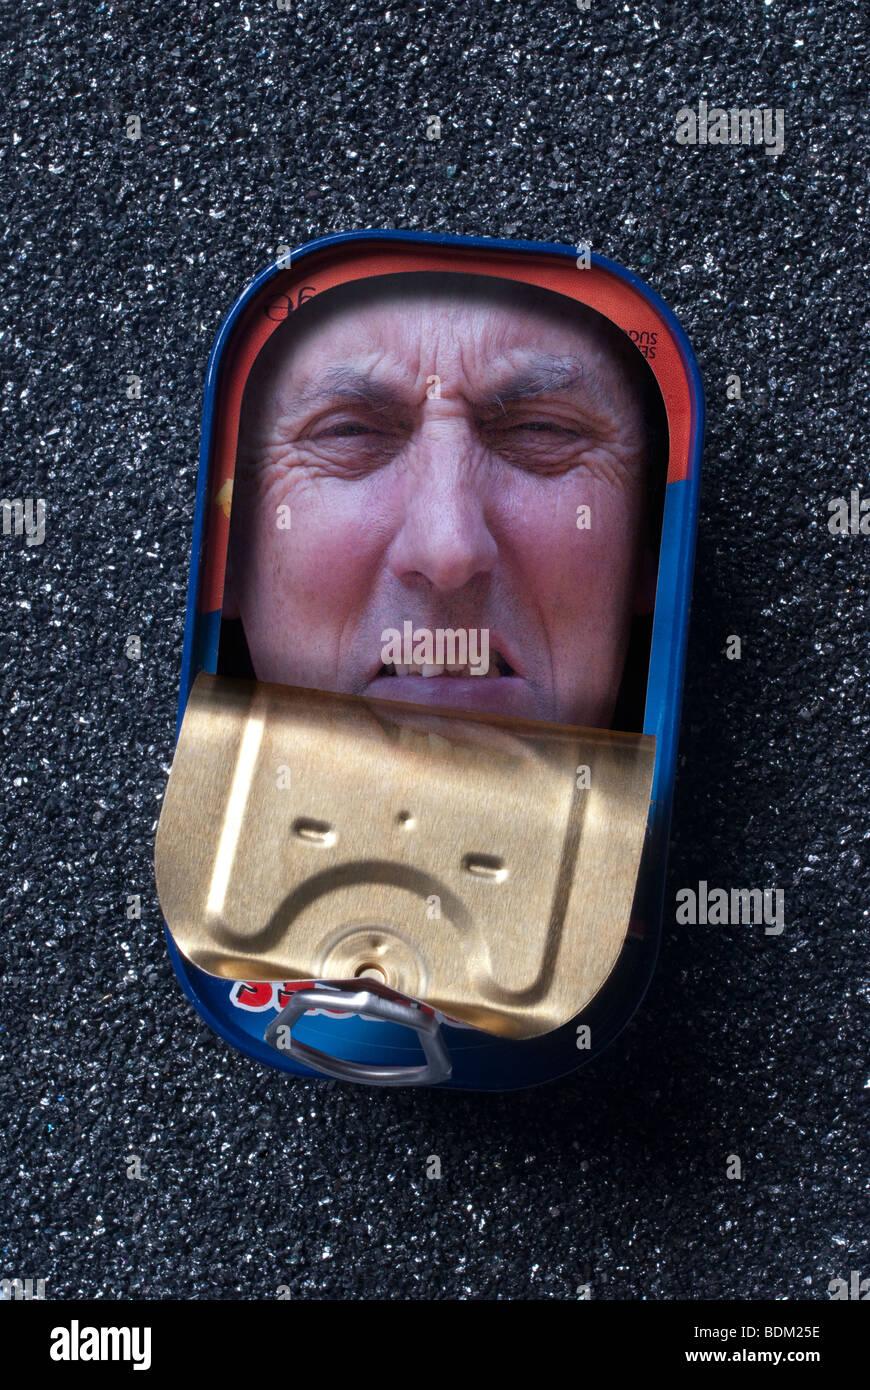 El estrés y el dolor y atrapado como una sardina Imagen De Stock